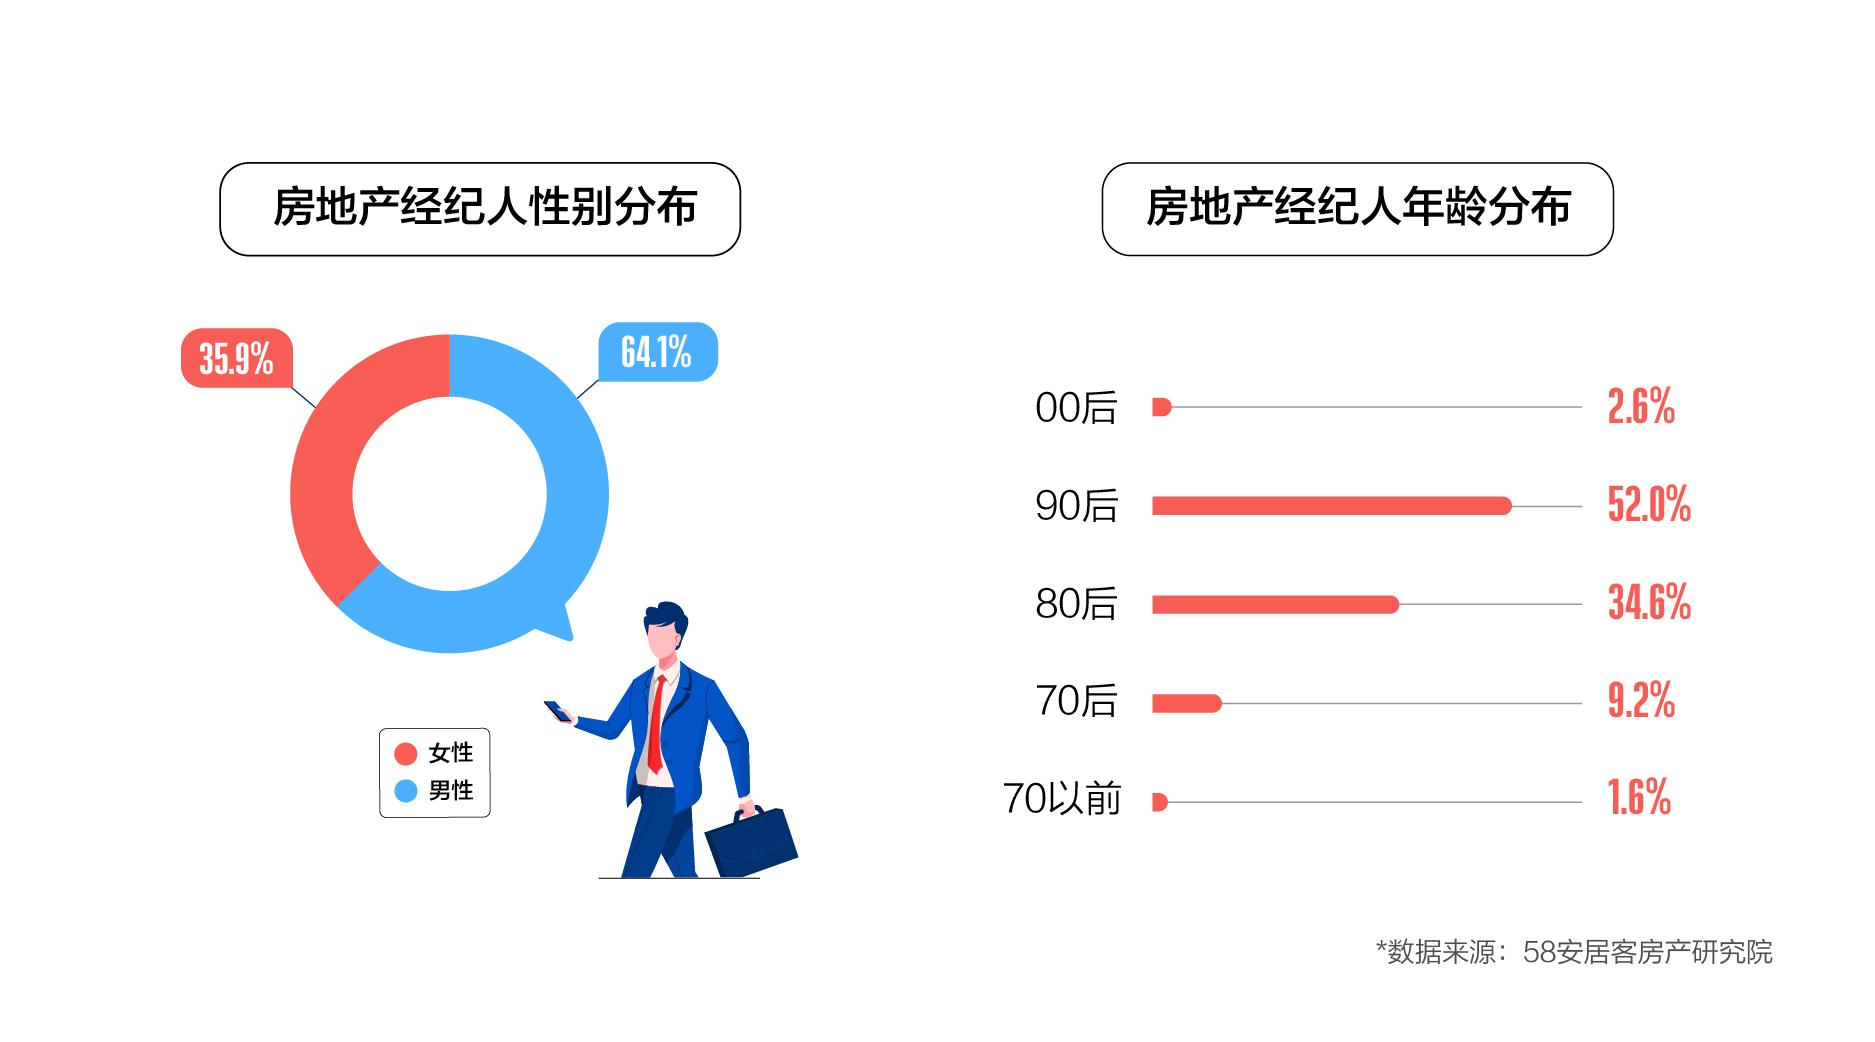 58同城、安居客百万经纪人报告:男性从业者居多且呈年轻化  近半大专及以上学历-中国网地产